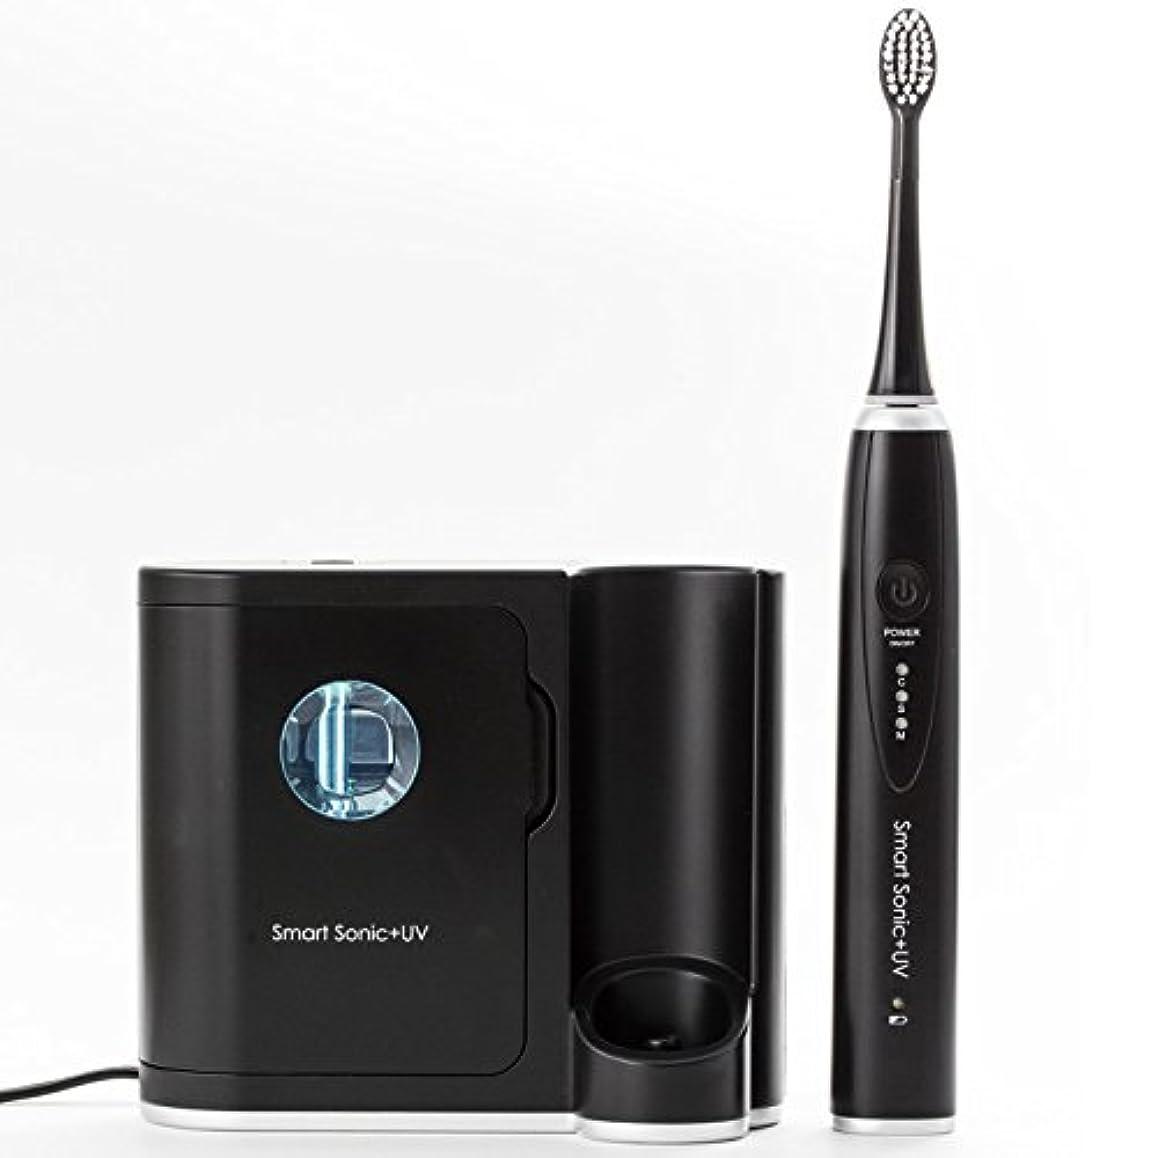 ルーチンナイトスポットダイヤモンド音波歯ブラシ UV 紫外線除菌 歯ブラシ 殺菌機能付き 電動歯ブラシ スマートソニック プラス UV Smart Sonic UV